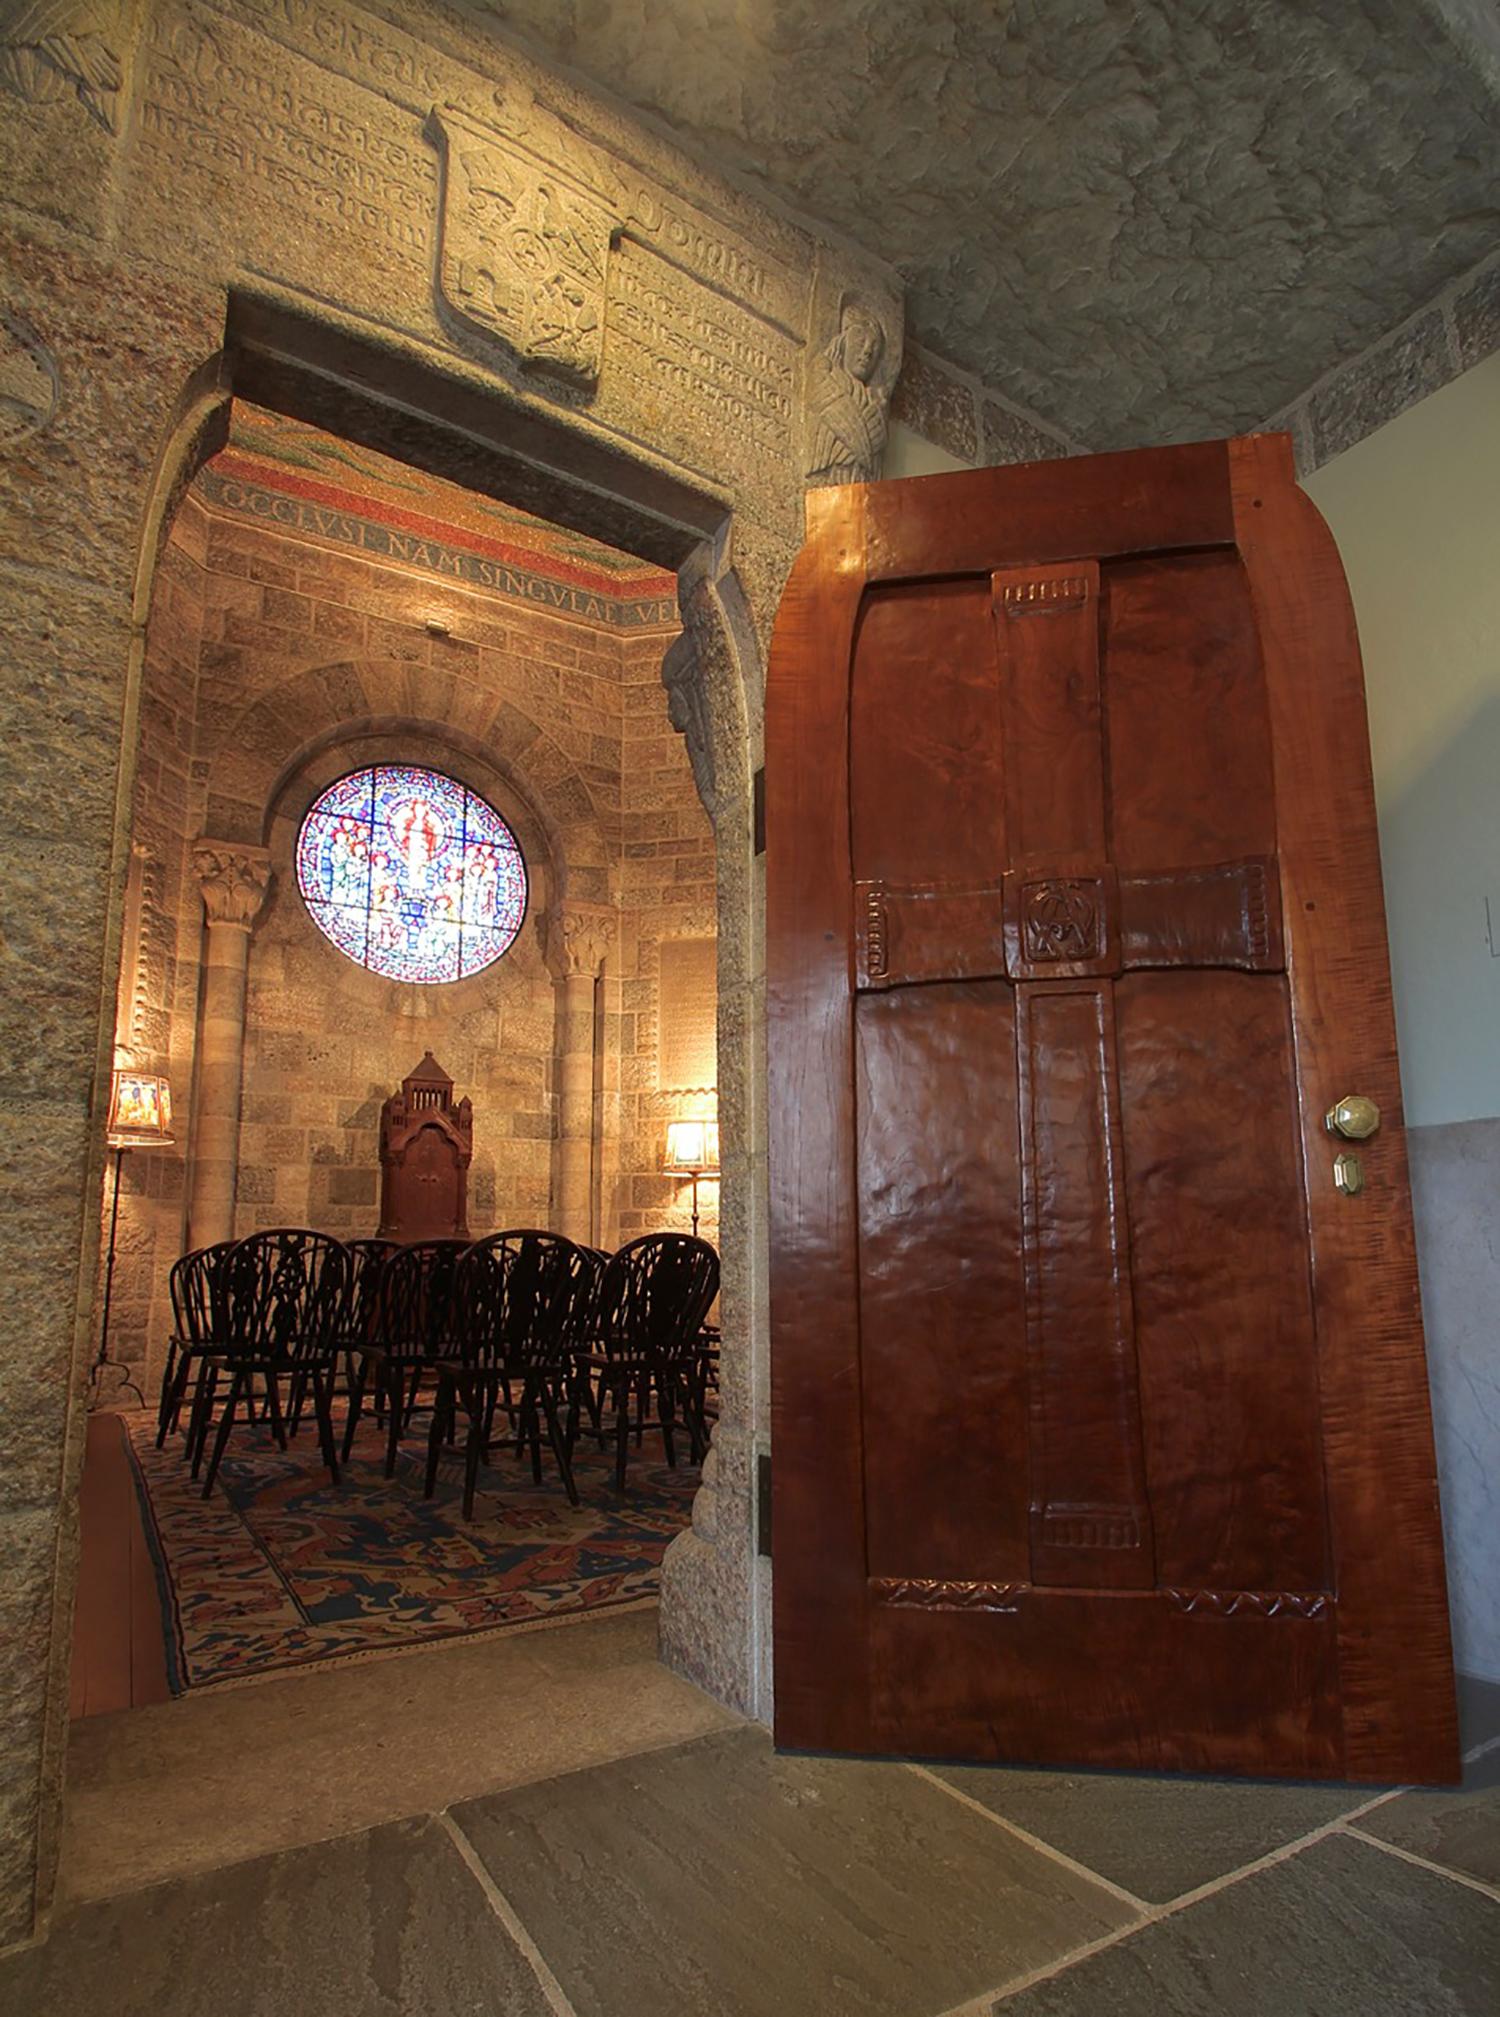 Glencairn Chapel